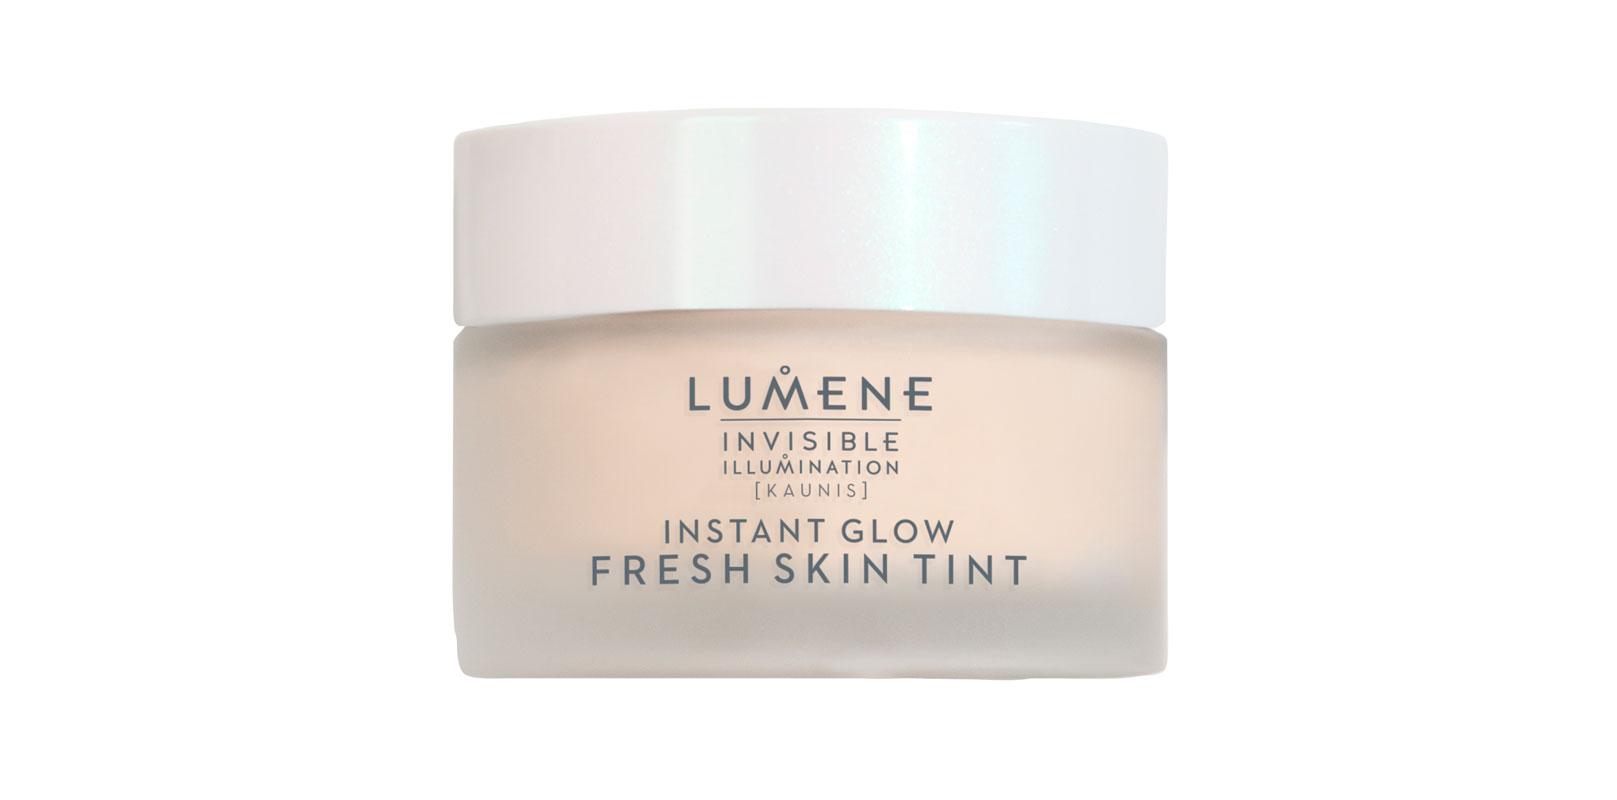 Lumene Invisible Illumination Instant Glow -sävyvoide yhdistää ihonhoidon ja meikin. Sen geelimäinen koostumus heleyttää ja kosteuttaa ihoa, 35 e.